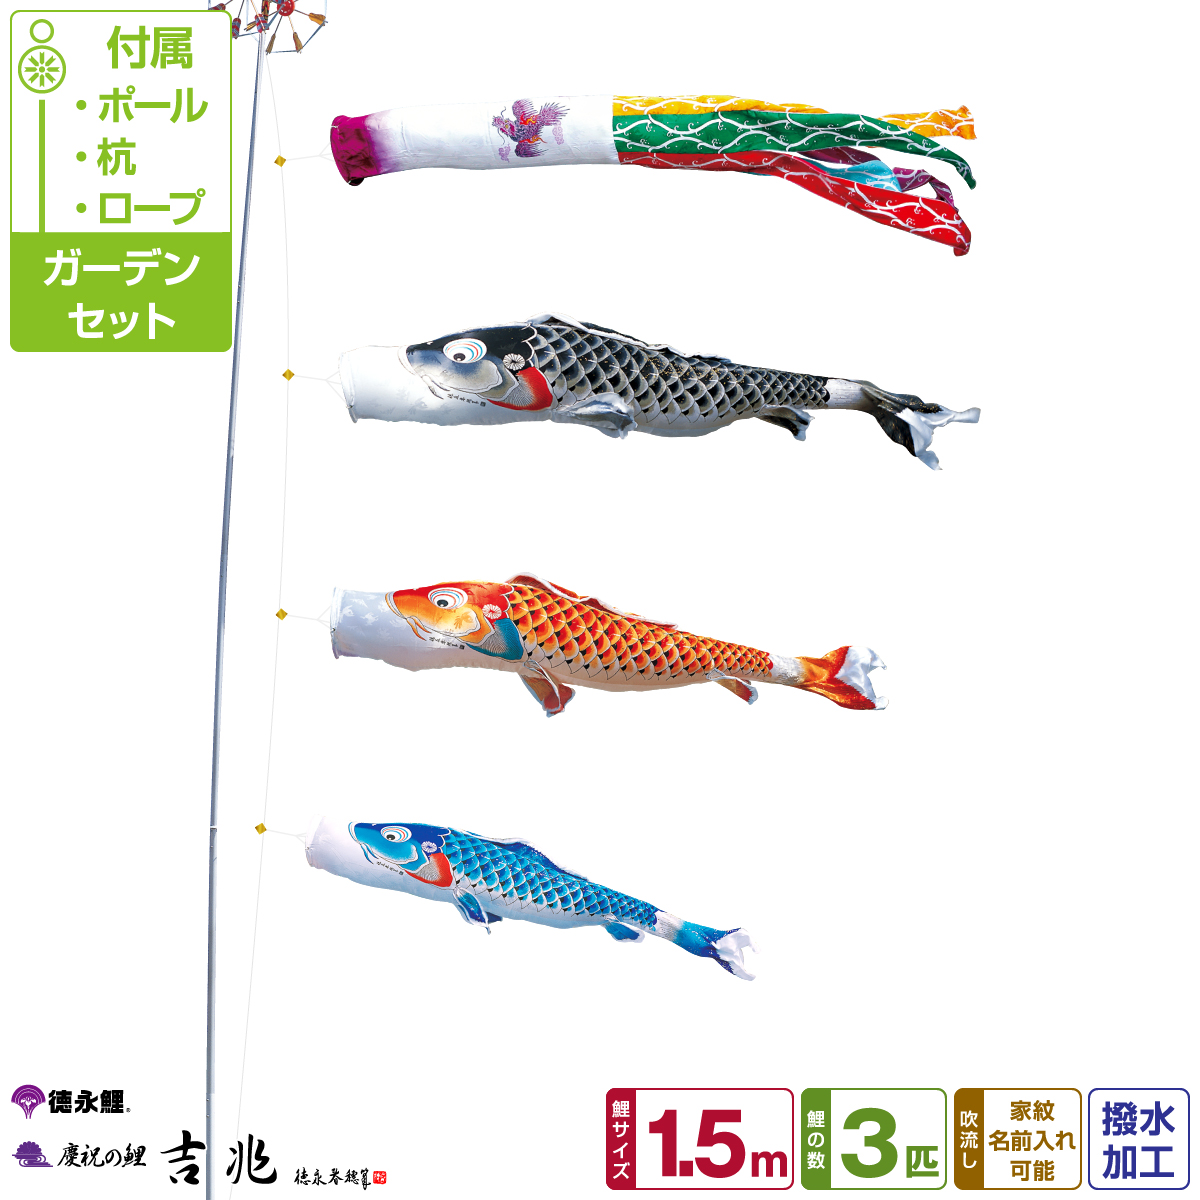 徳永鯉のぼり 吉兆鯉 1.5m 6点セット ガーデンセット 2019年初節句 端午の節句 こどもの日 こいのぼり